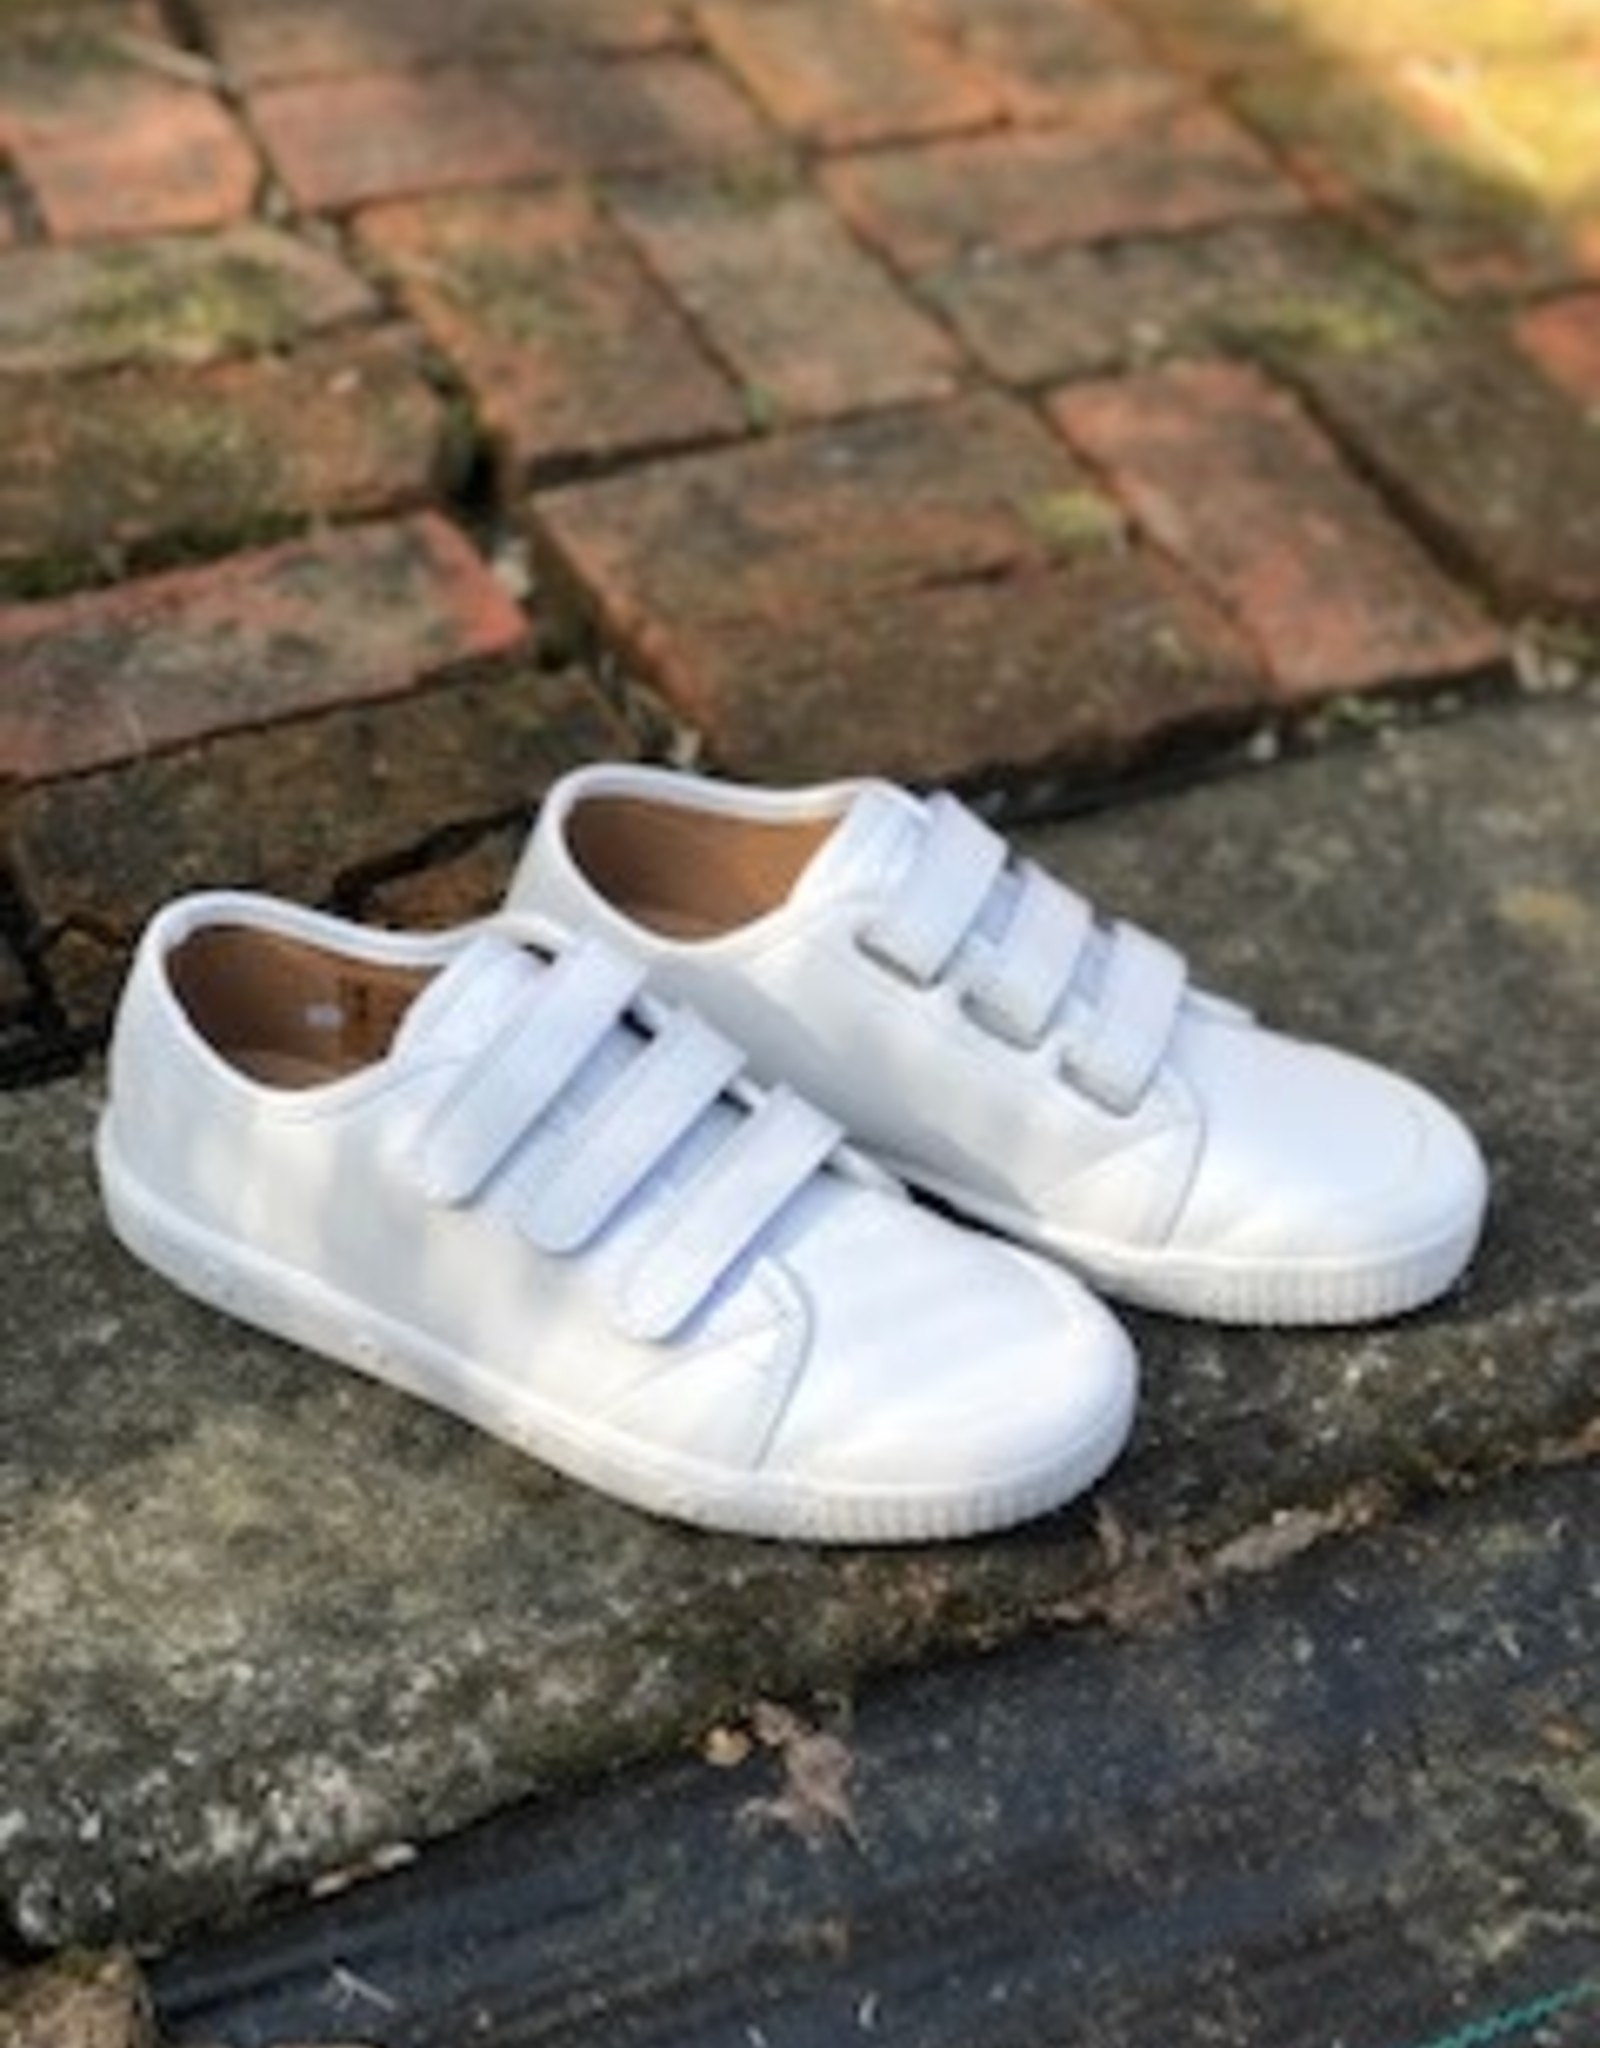 Springcourt BVT 5001-2 white